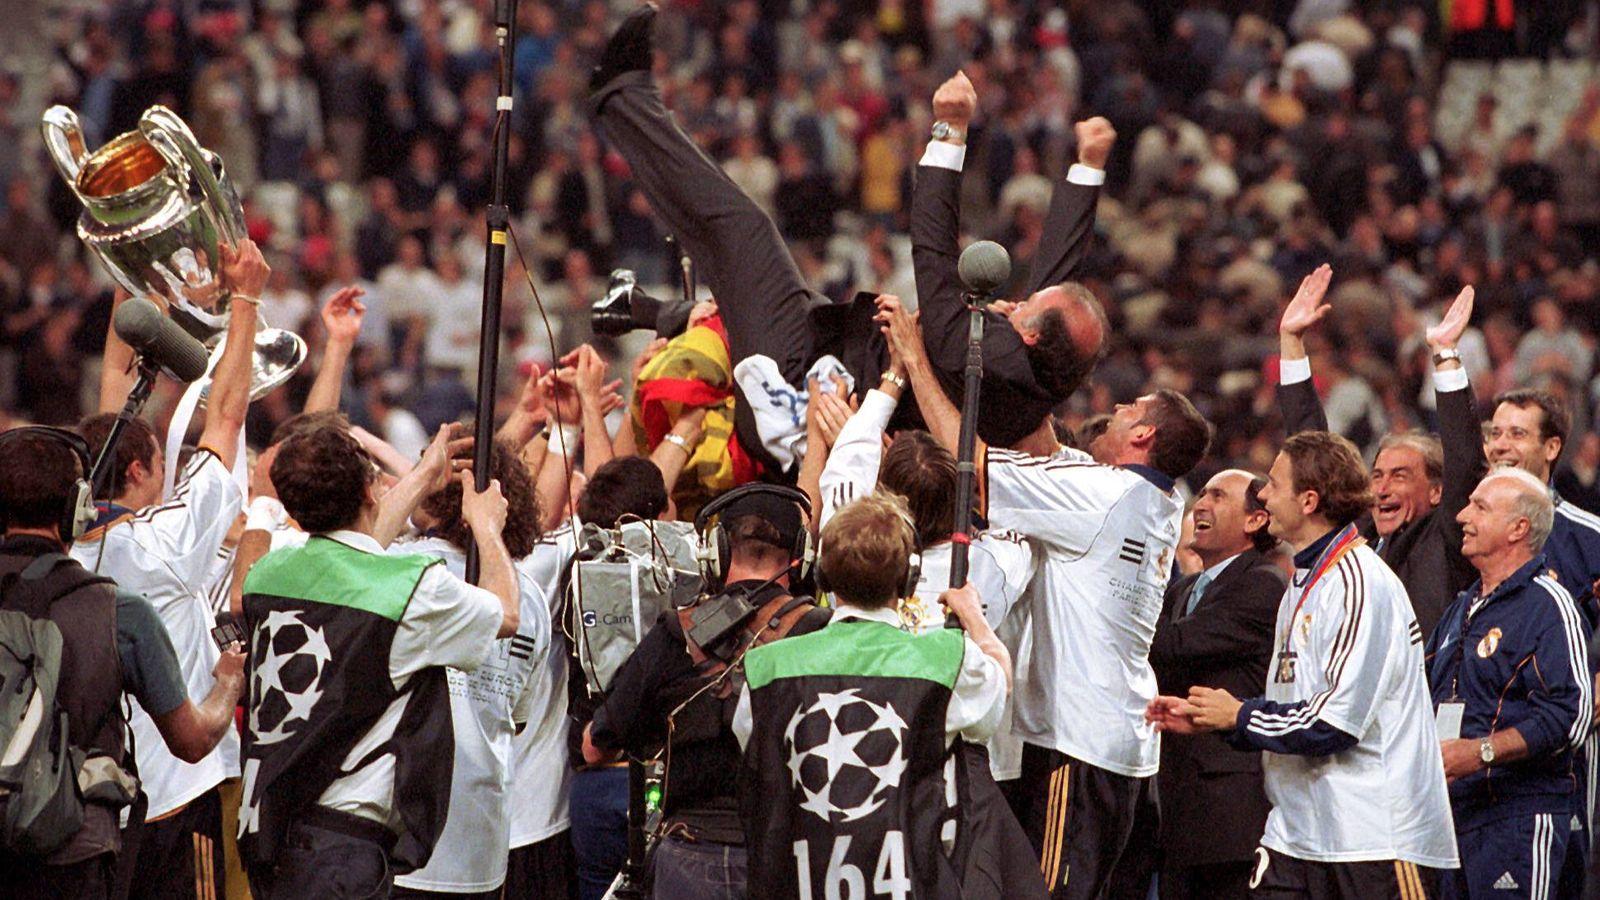 Foto: Del Bosque es manteado por sus jugadores tras ganar la Octava. (Imago)